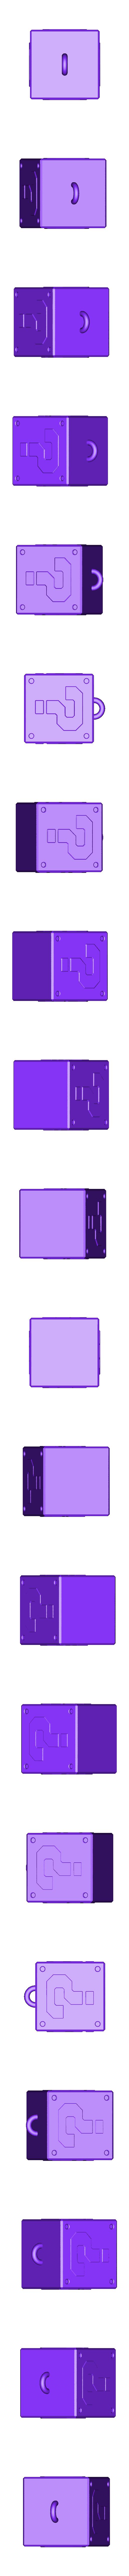 questionblock_single.stl Télécharger fichier STL gratuit Cintre Super Mario Mystery Block (Simple & Double Extrusion) • Modèle pour imprimante 3D, Runstone